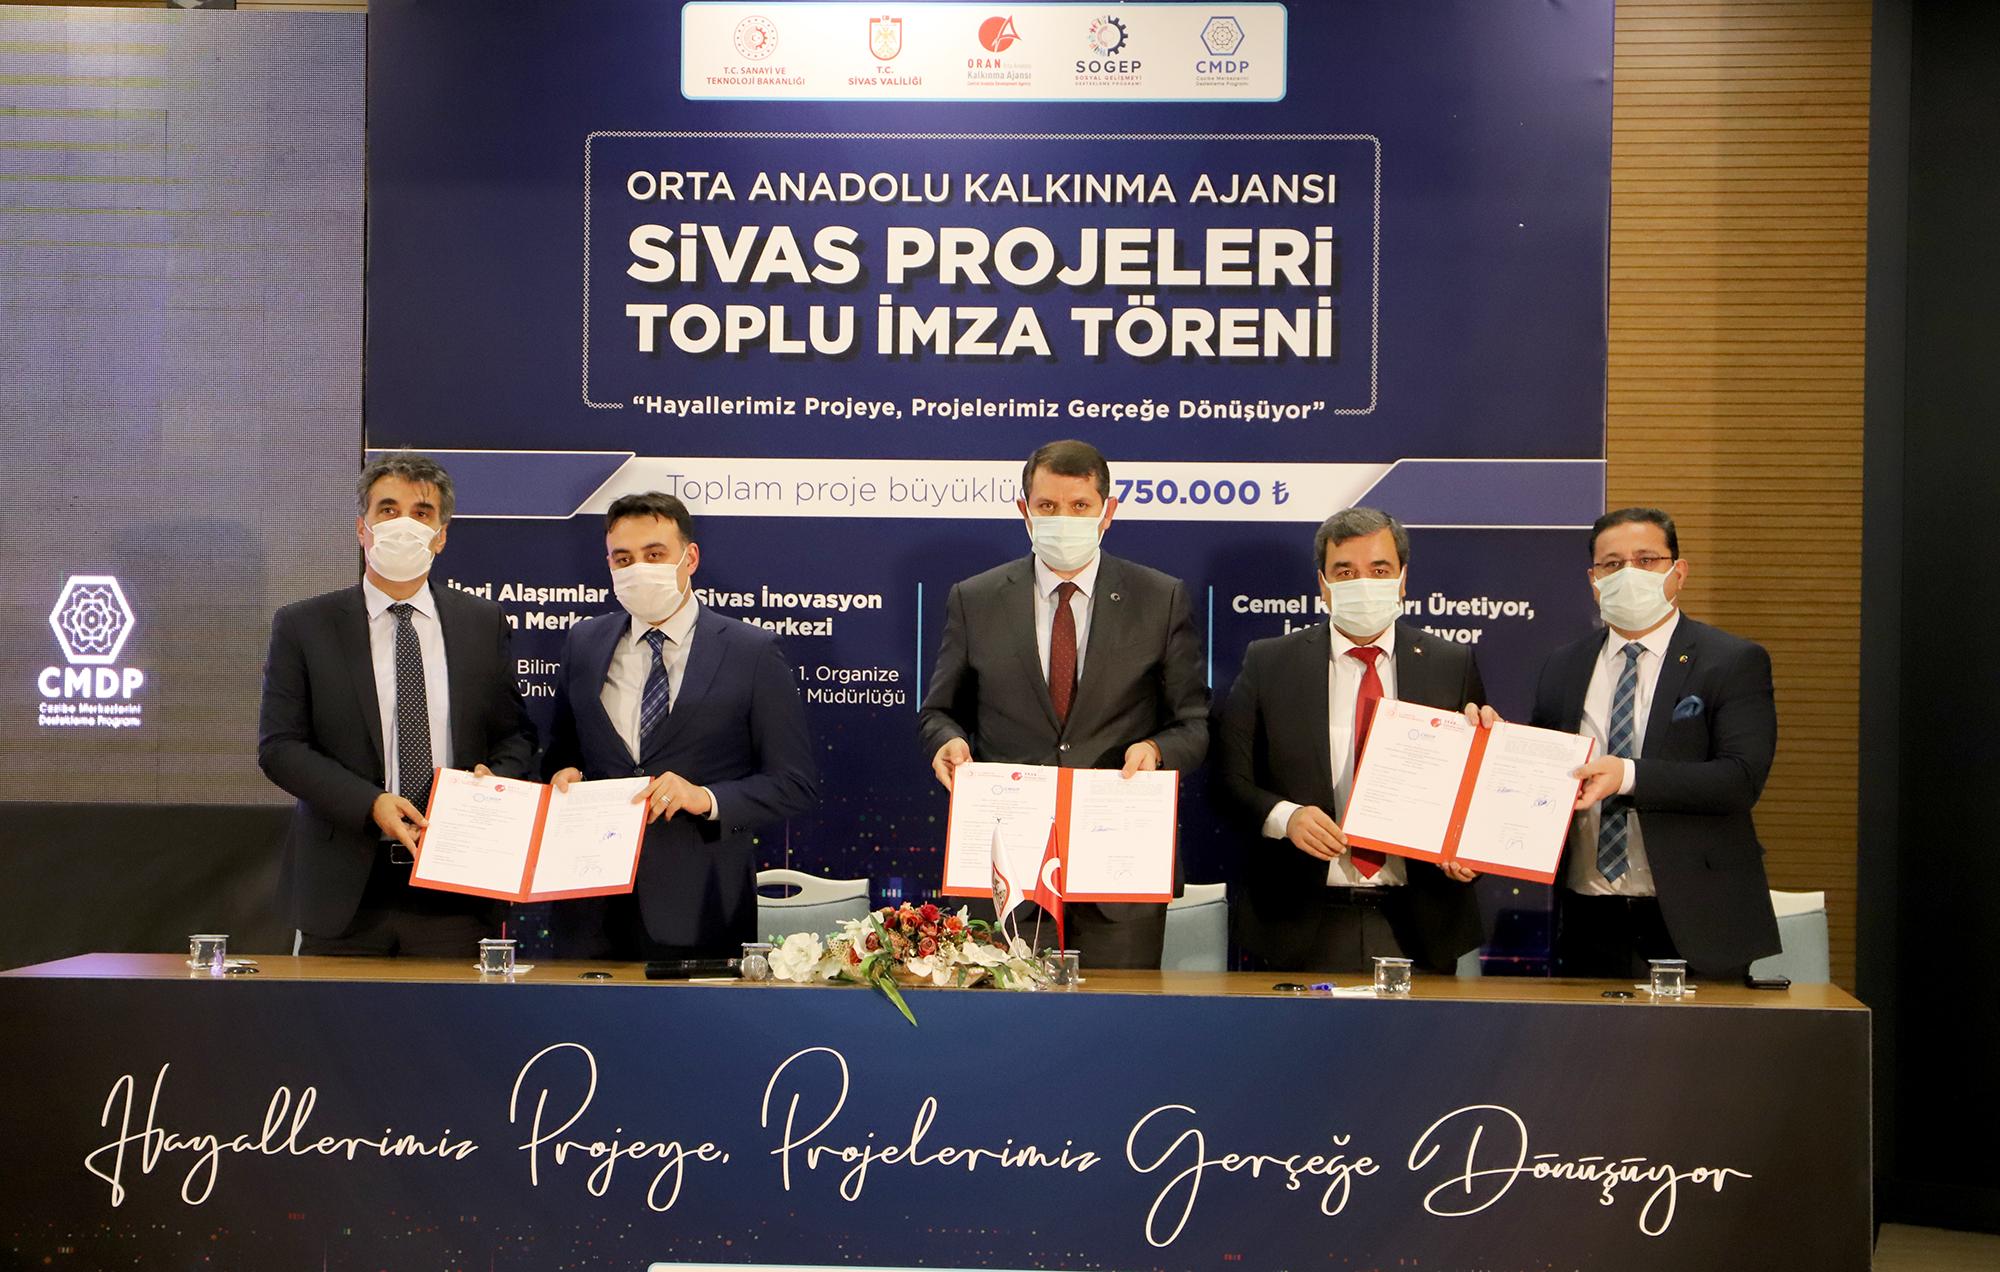 İleri Alaşımlar Üretim Merkezi İçin Cihaz ve Ekipman Alınacak